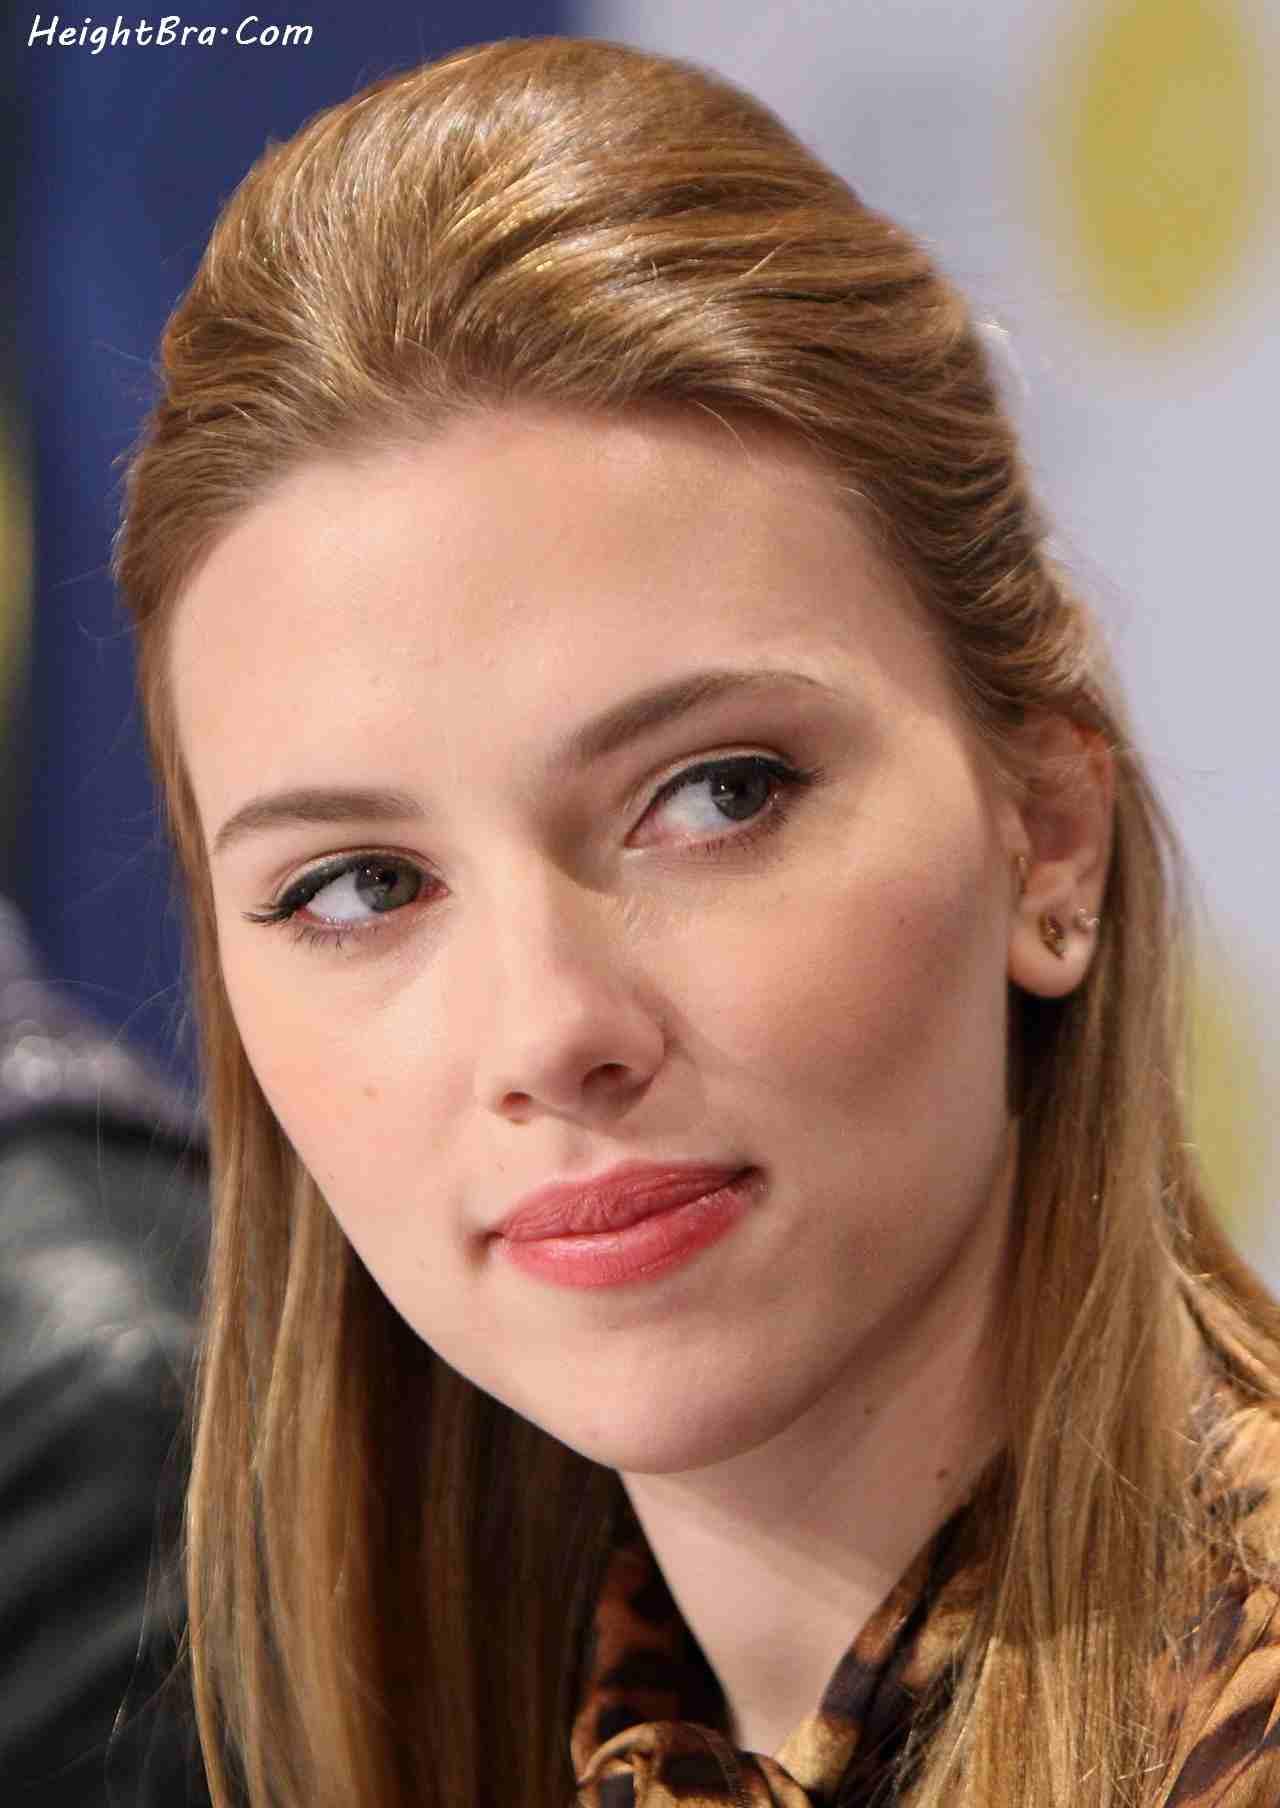 Scarlett Johansson Height, Weight, Bra, Bio, Figure Size ...